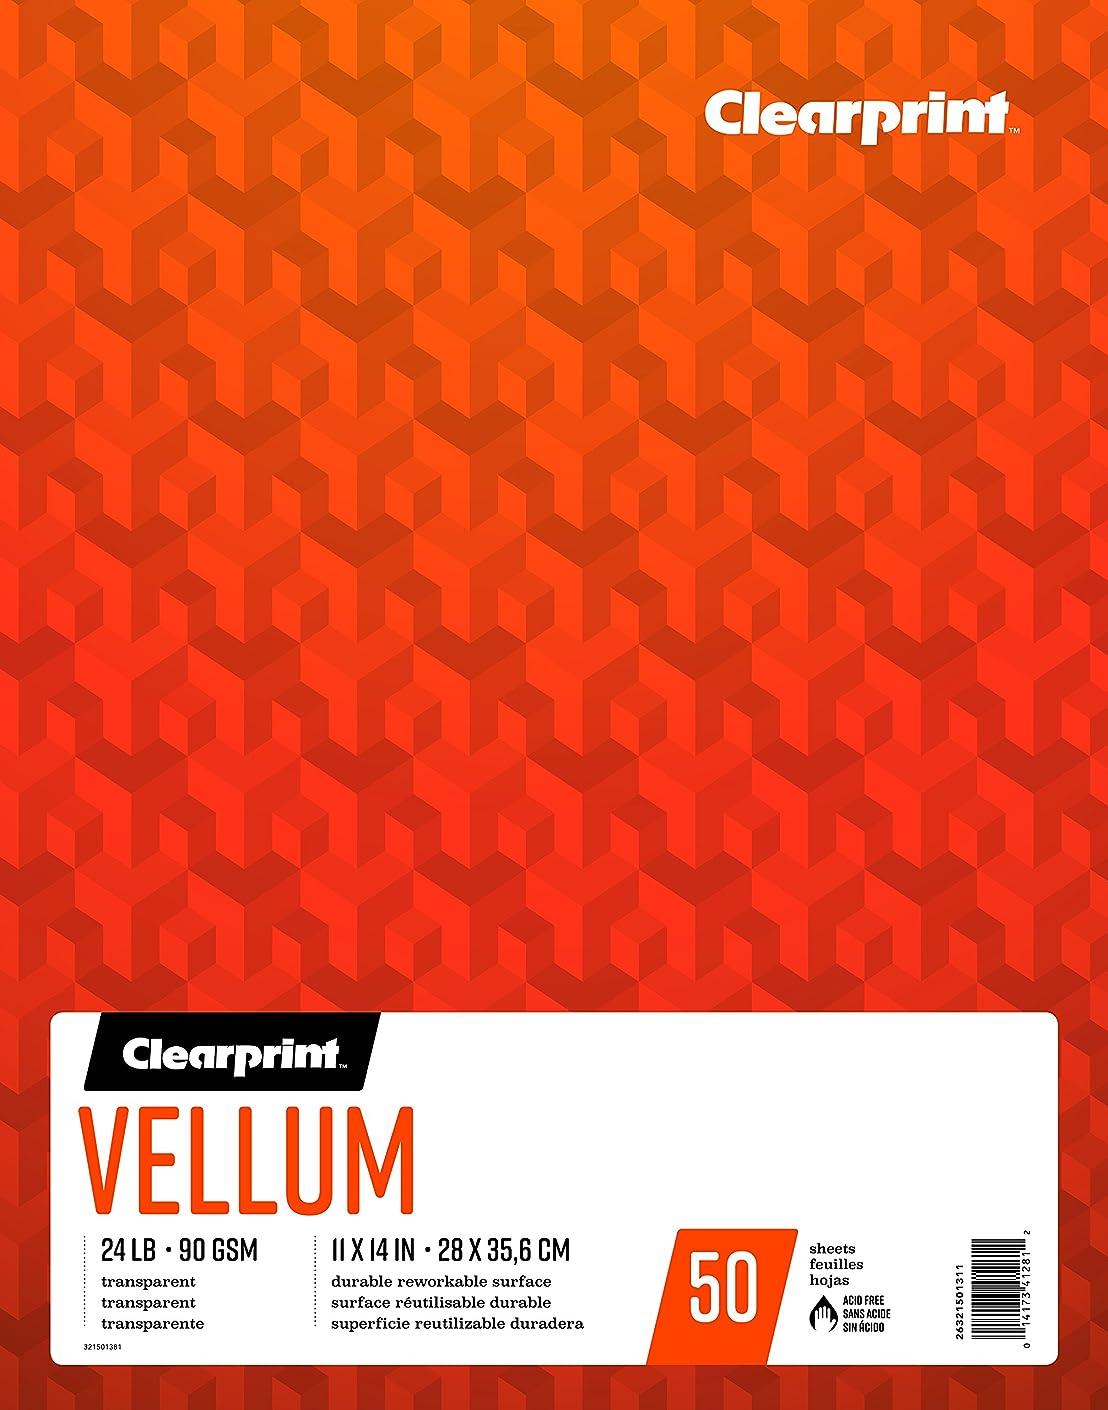 Clearprint Vellum Pad, 24 LB, 90 GSM, 11 x 14 Inches, 50 Sheets Per Pad, 1 Each (26321501311)